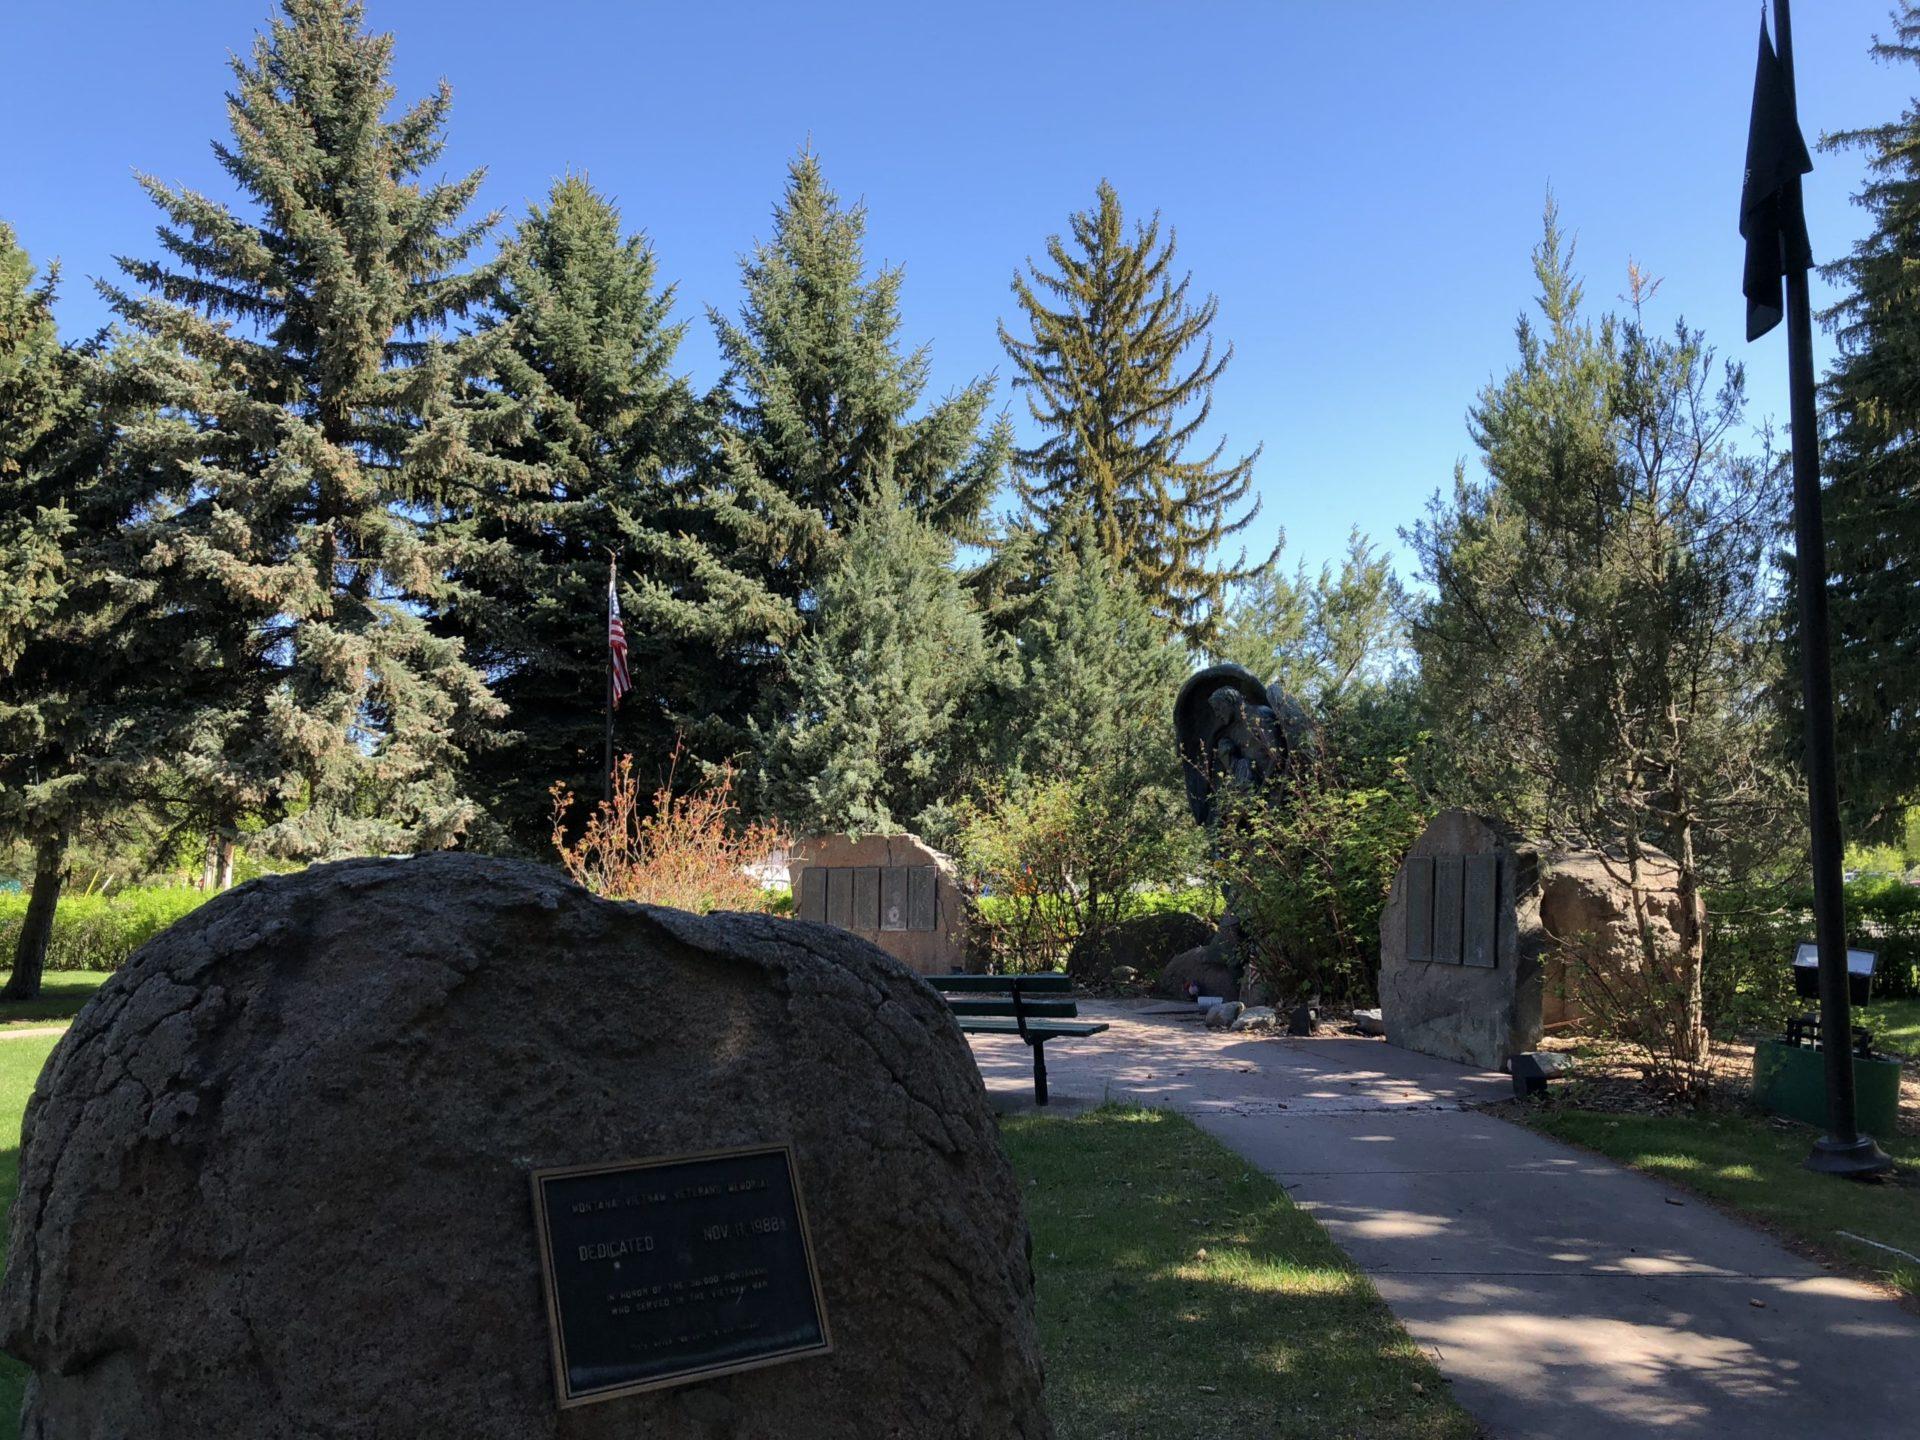 Korean War Memorials - Missoula